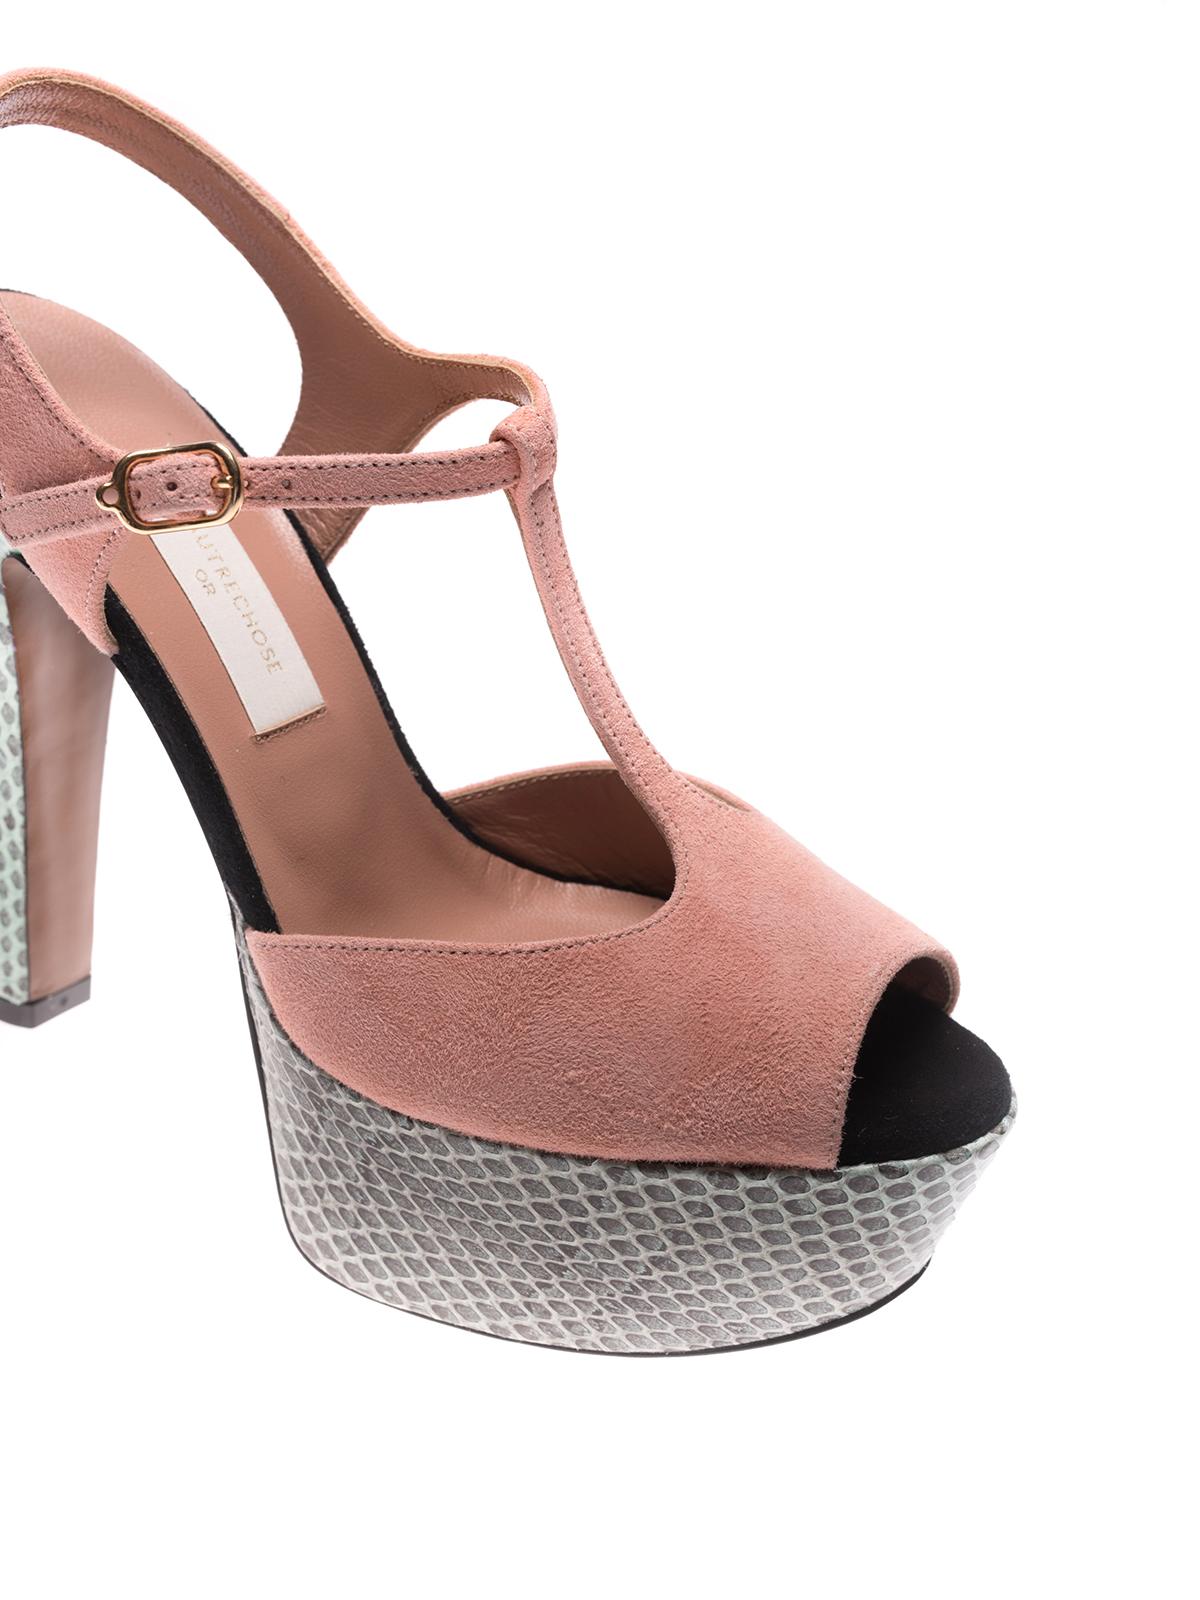 L'Autre Chose closed toe sandals outlet visa payment Ec12AM2